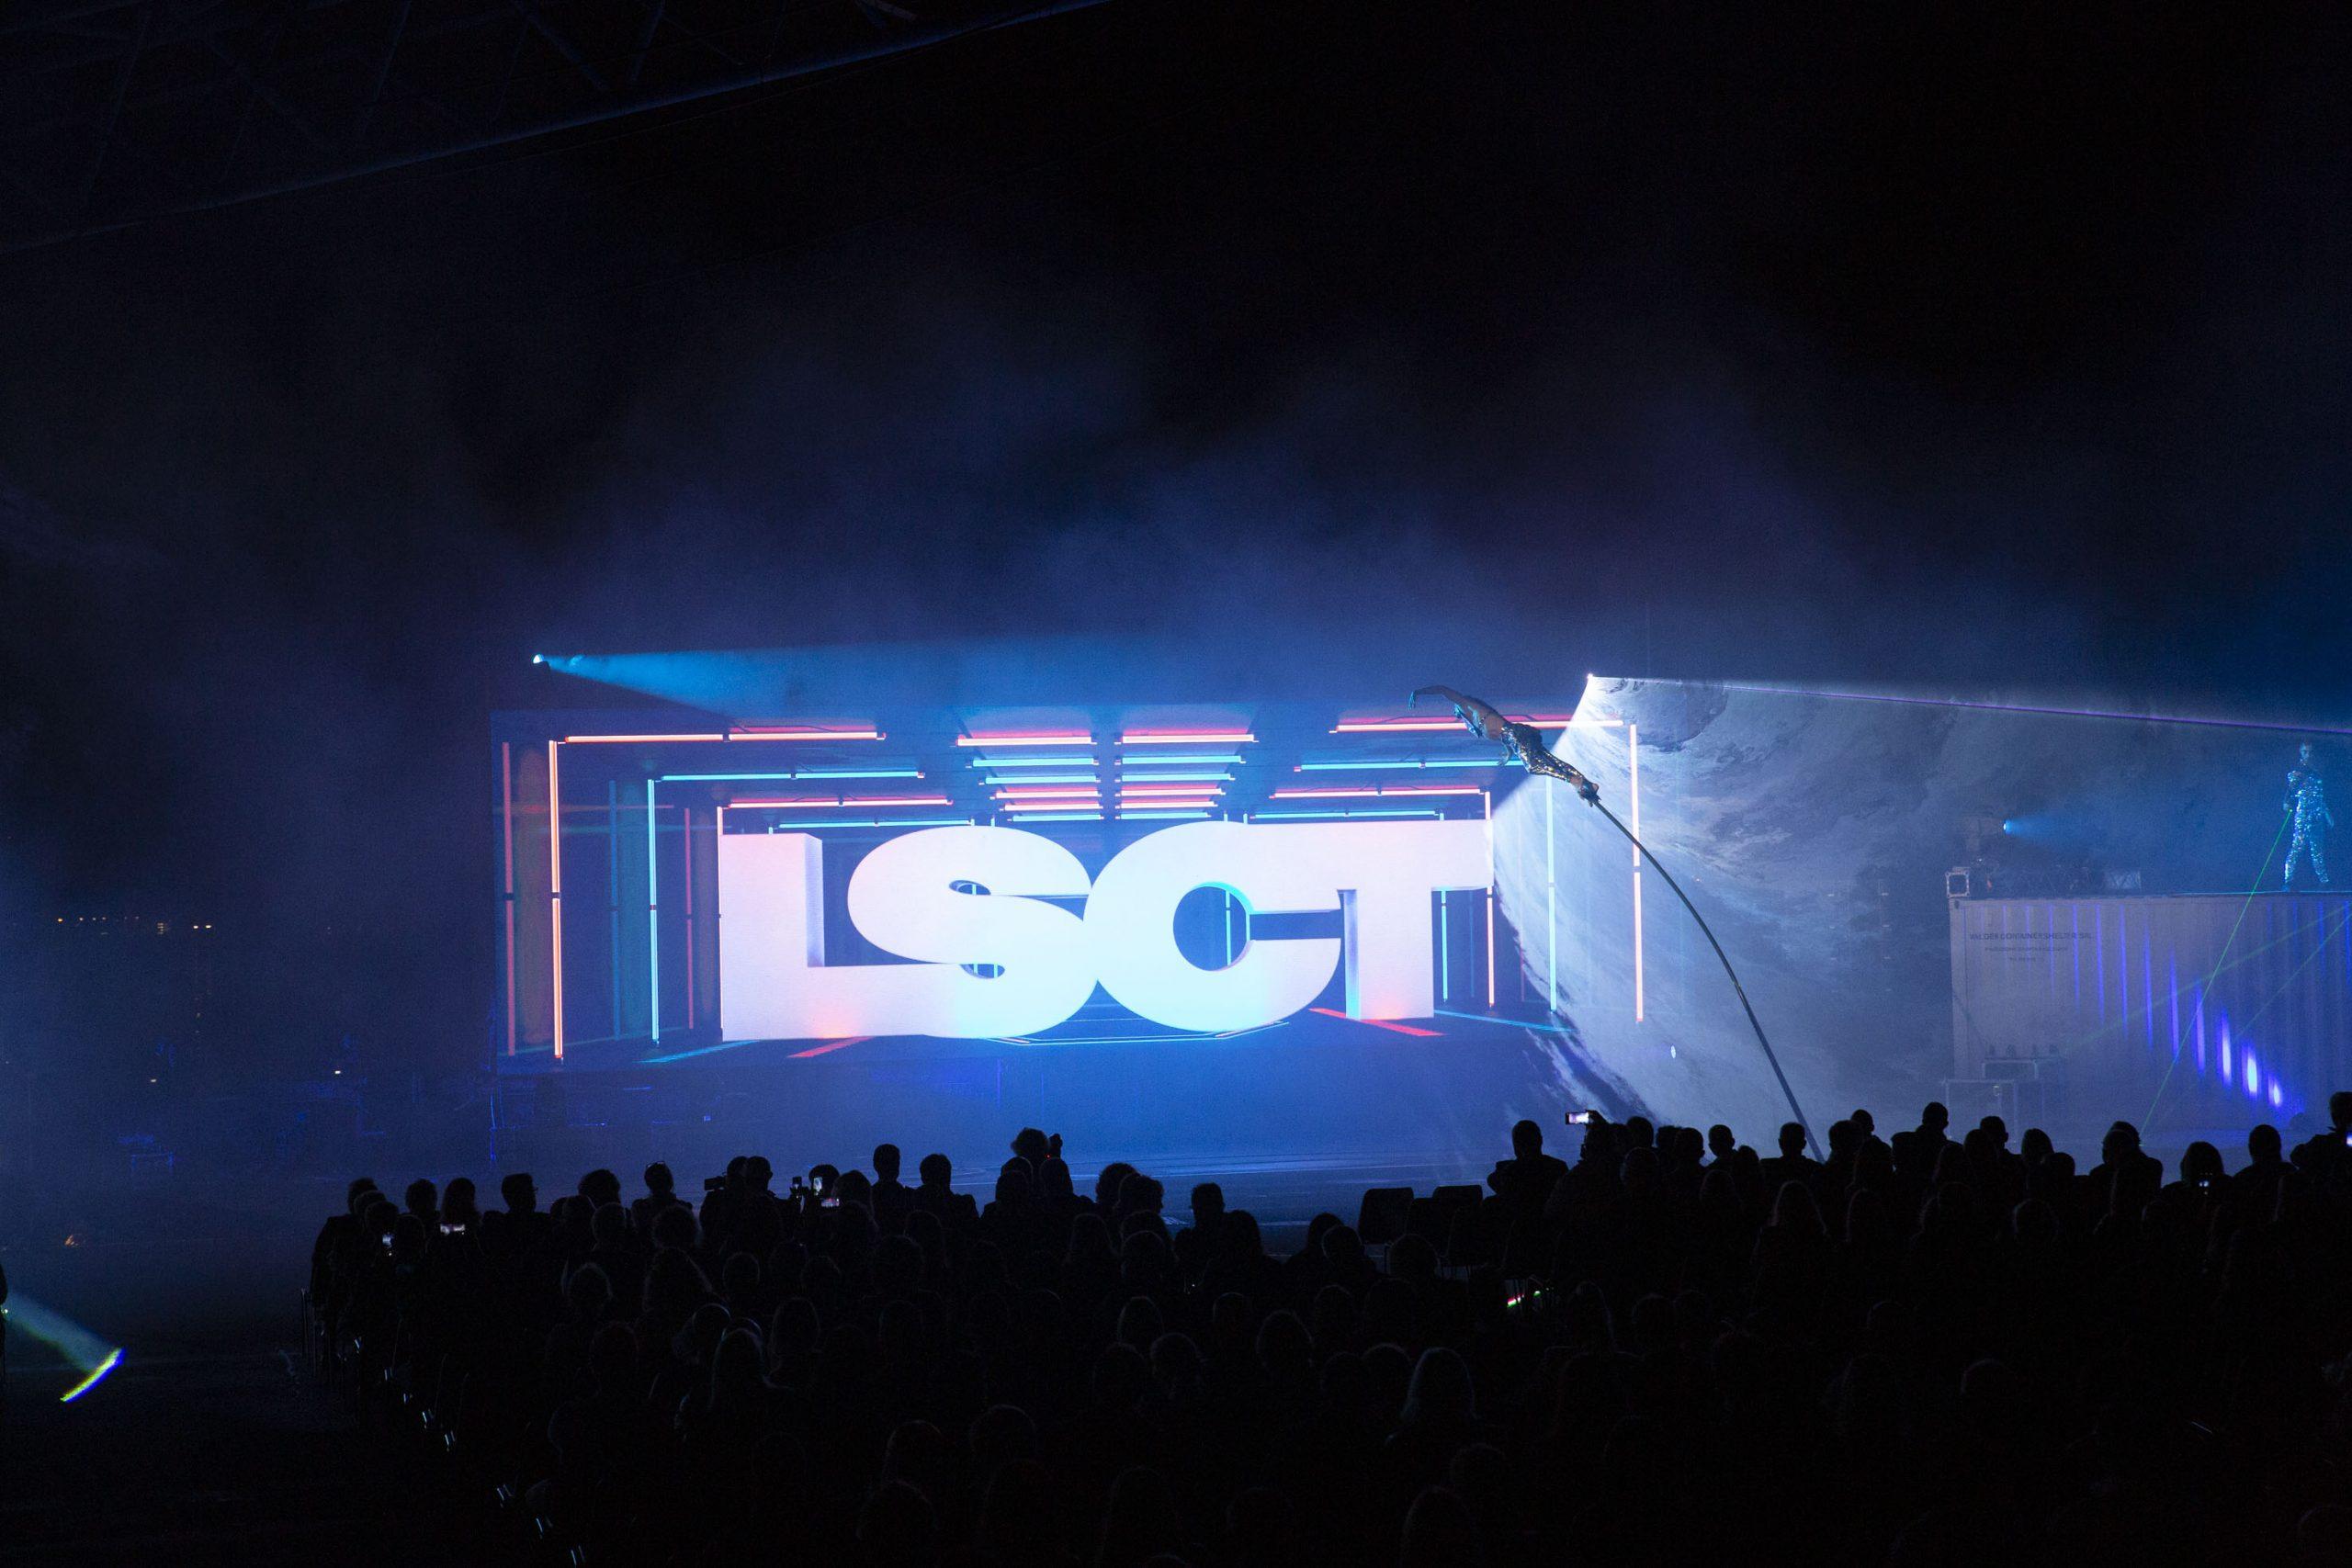 50 anni di Lsct